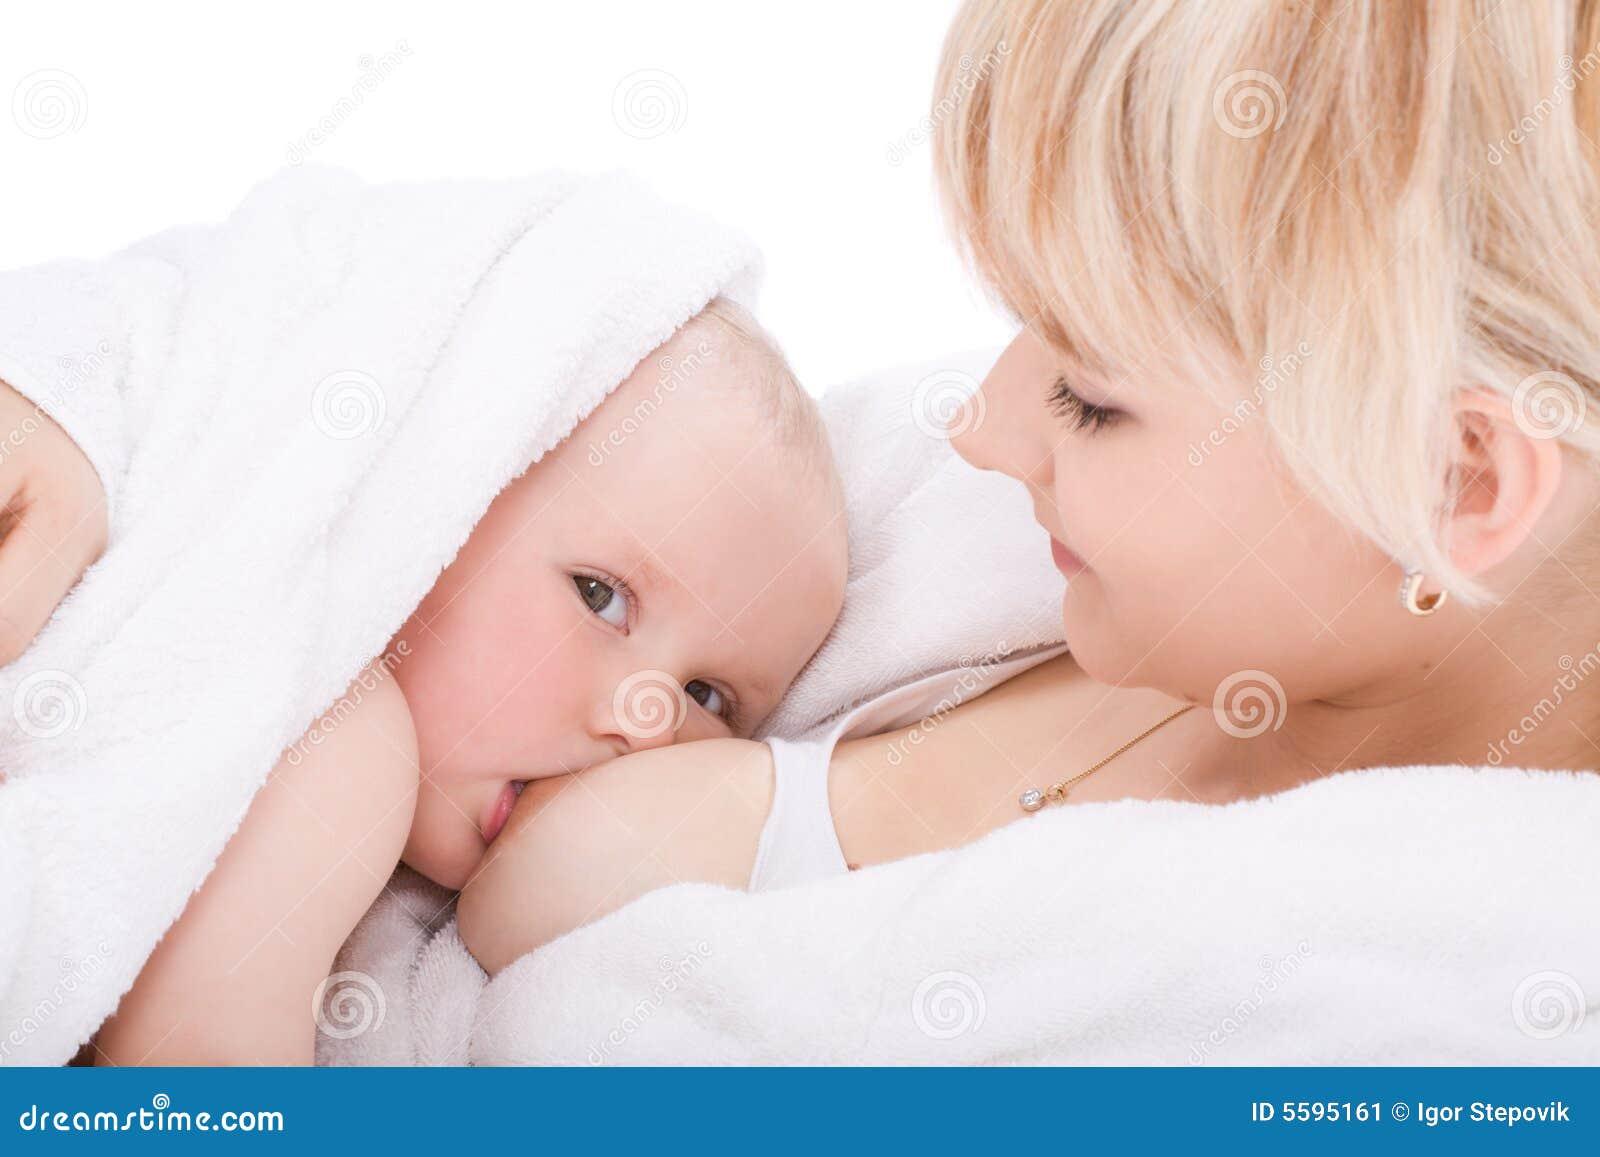 στήθος μωρών - ταΐζοντας κορίτσι η μητέρα της